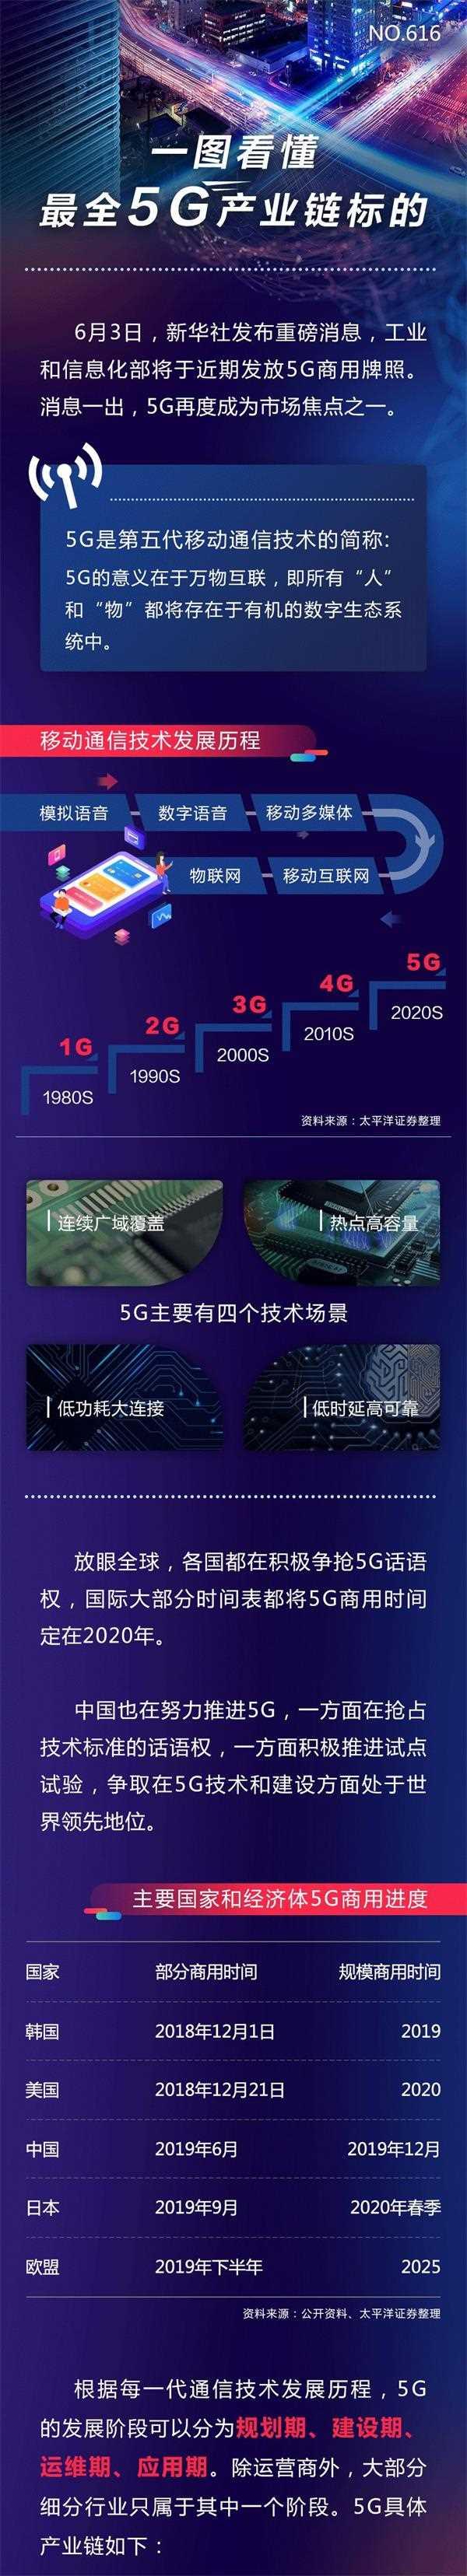 工信部向中国电信、中国移动、中国联通、中国广电发放5G商用牌照